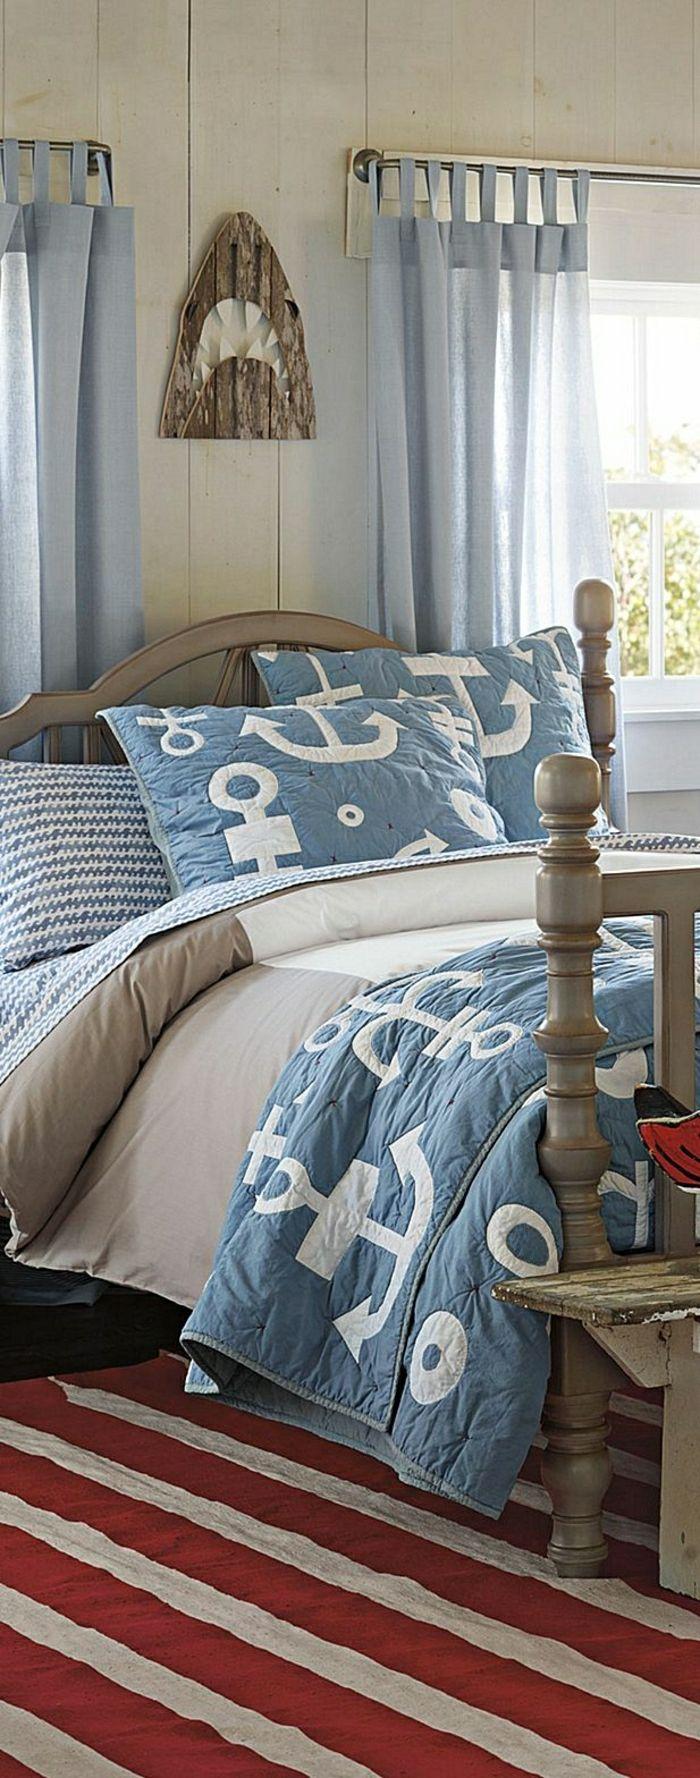 la chambre marine, deco maison bord de mer. décoration mer,rideaux longs bleus